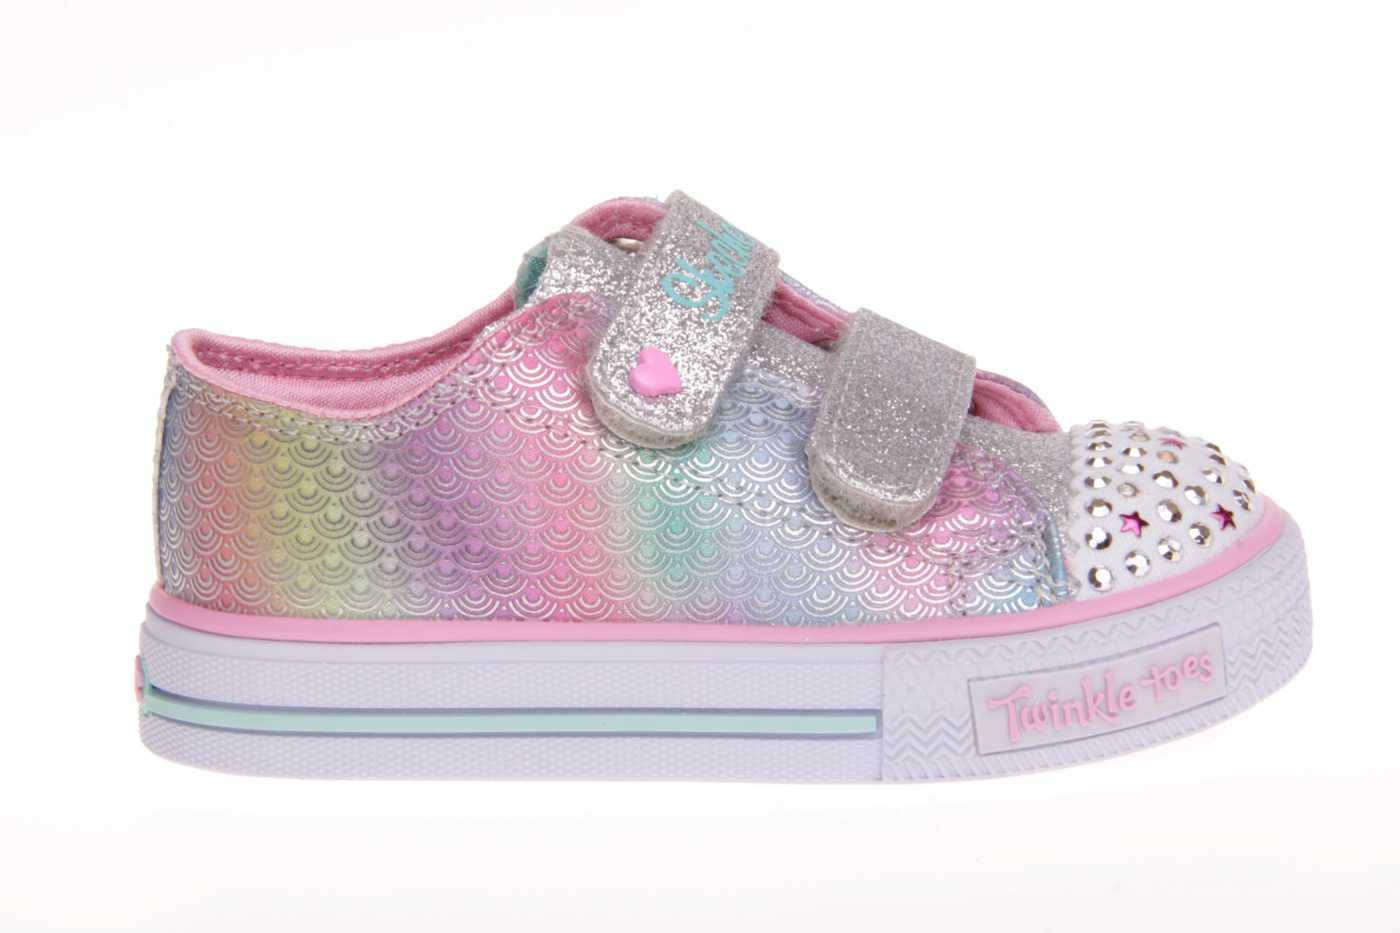 Estilo Tipo Lona Niña Textil Zapato Multicolor Comprar Joven Color IvfYb76gy